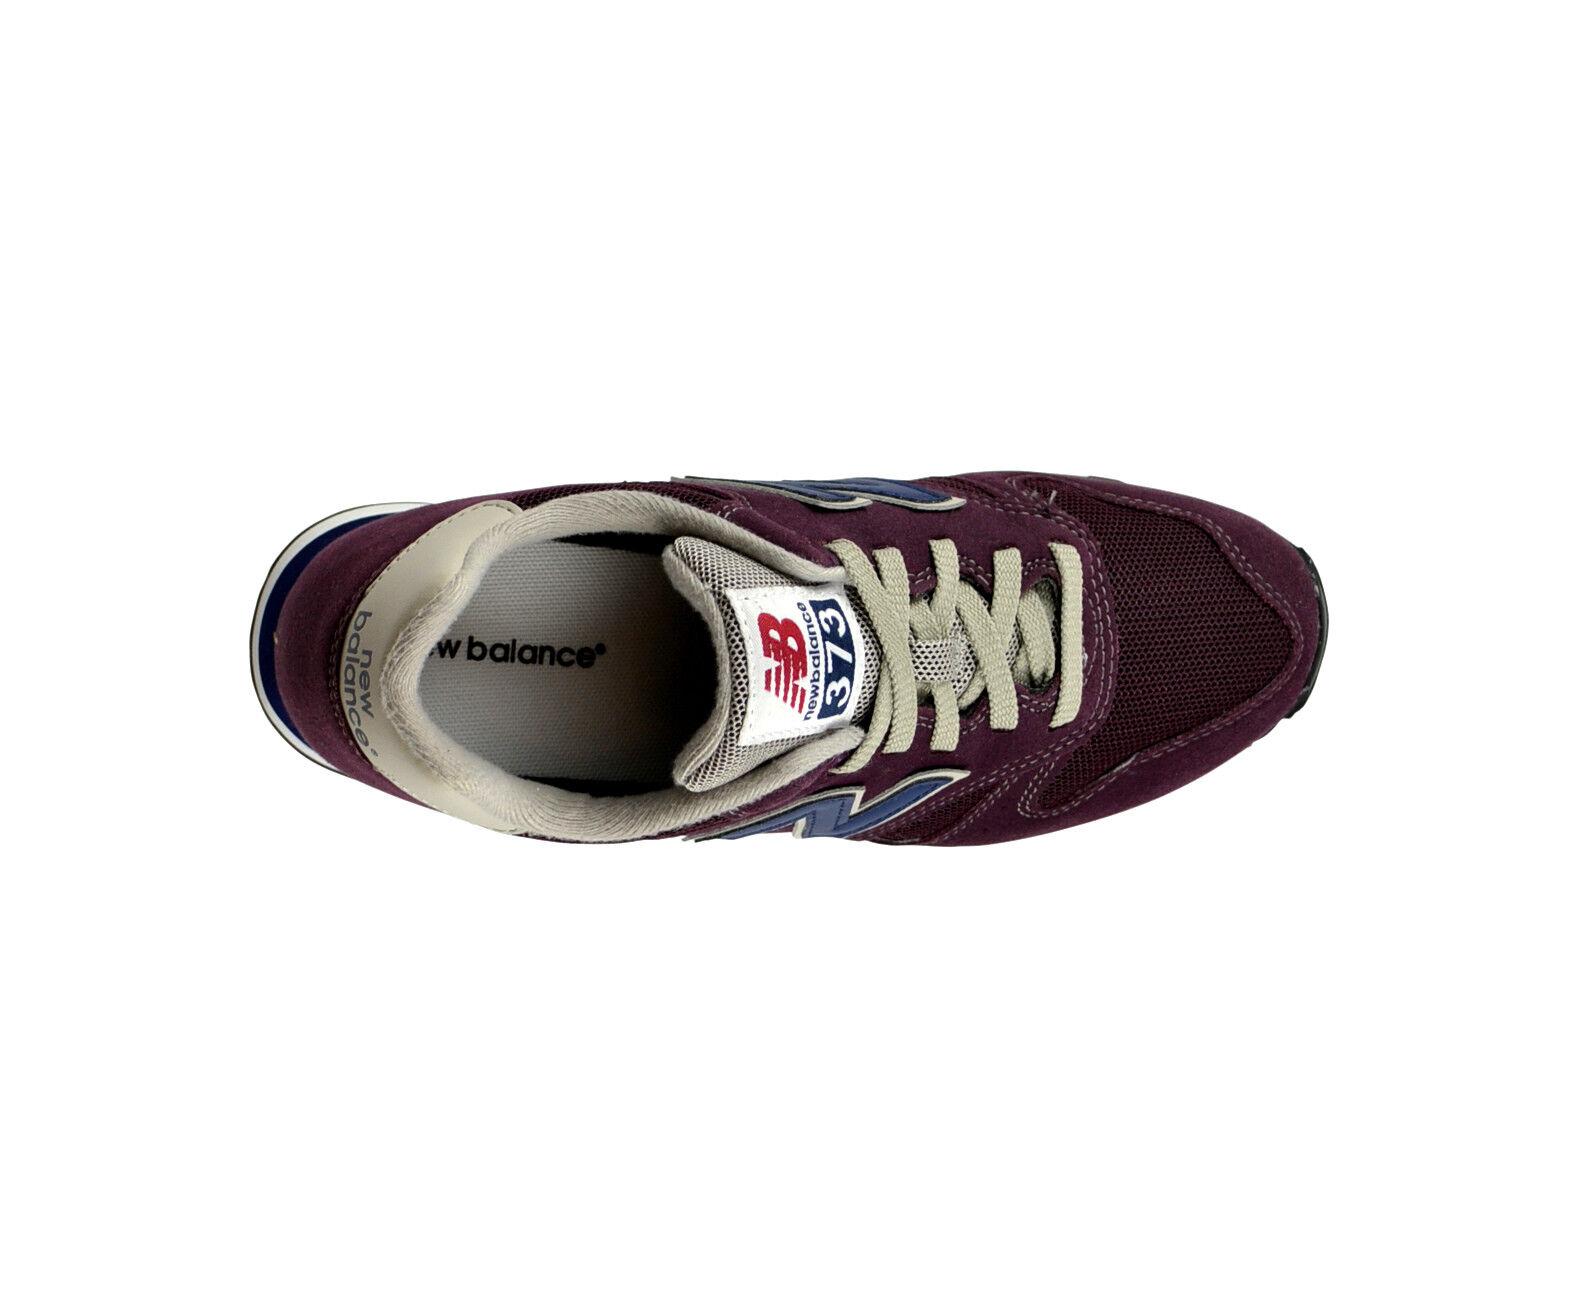 New Schuhe/Sneaker Balance ML373 AC burgundy Schuhe/Sneaker New Größenauswahl! a29915